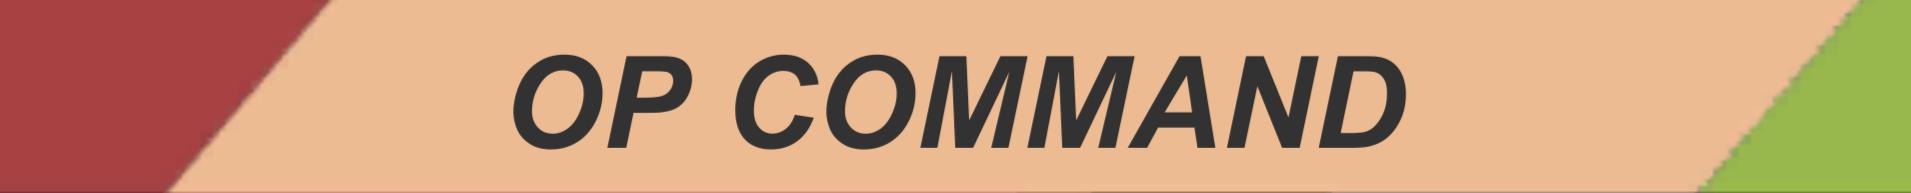 OP Command